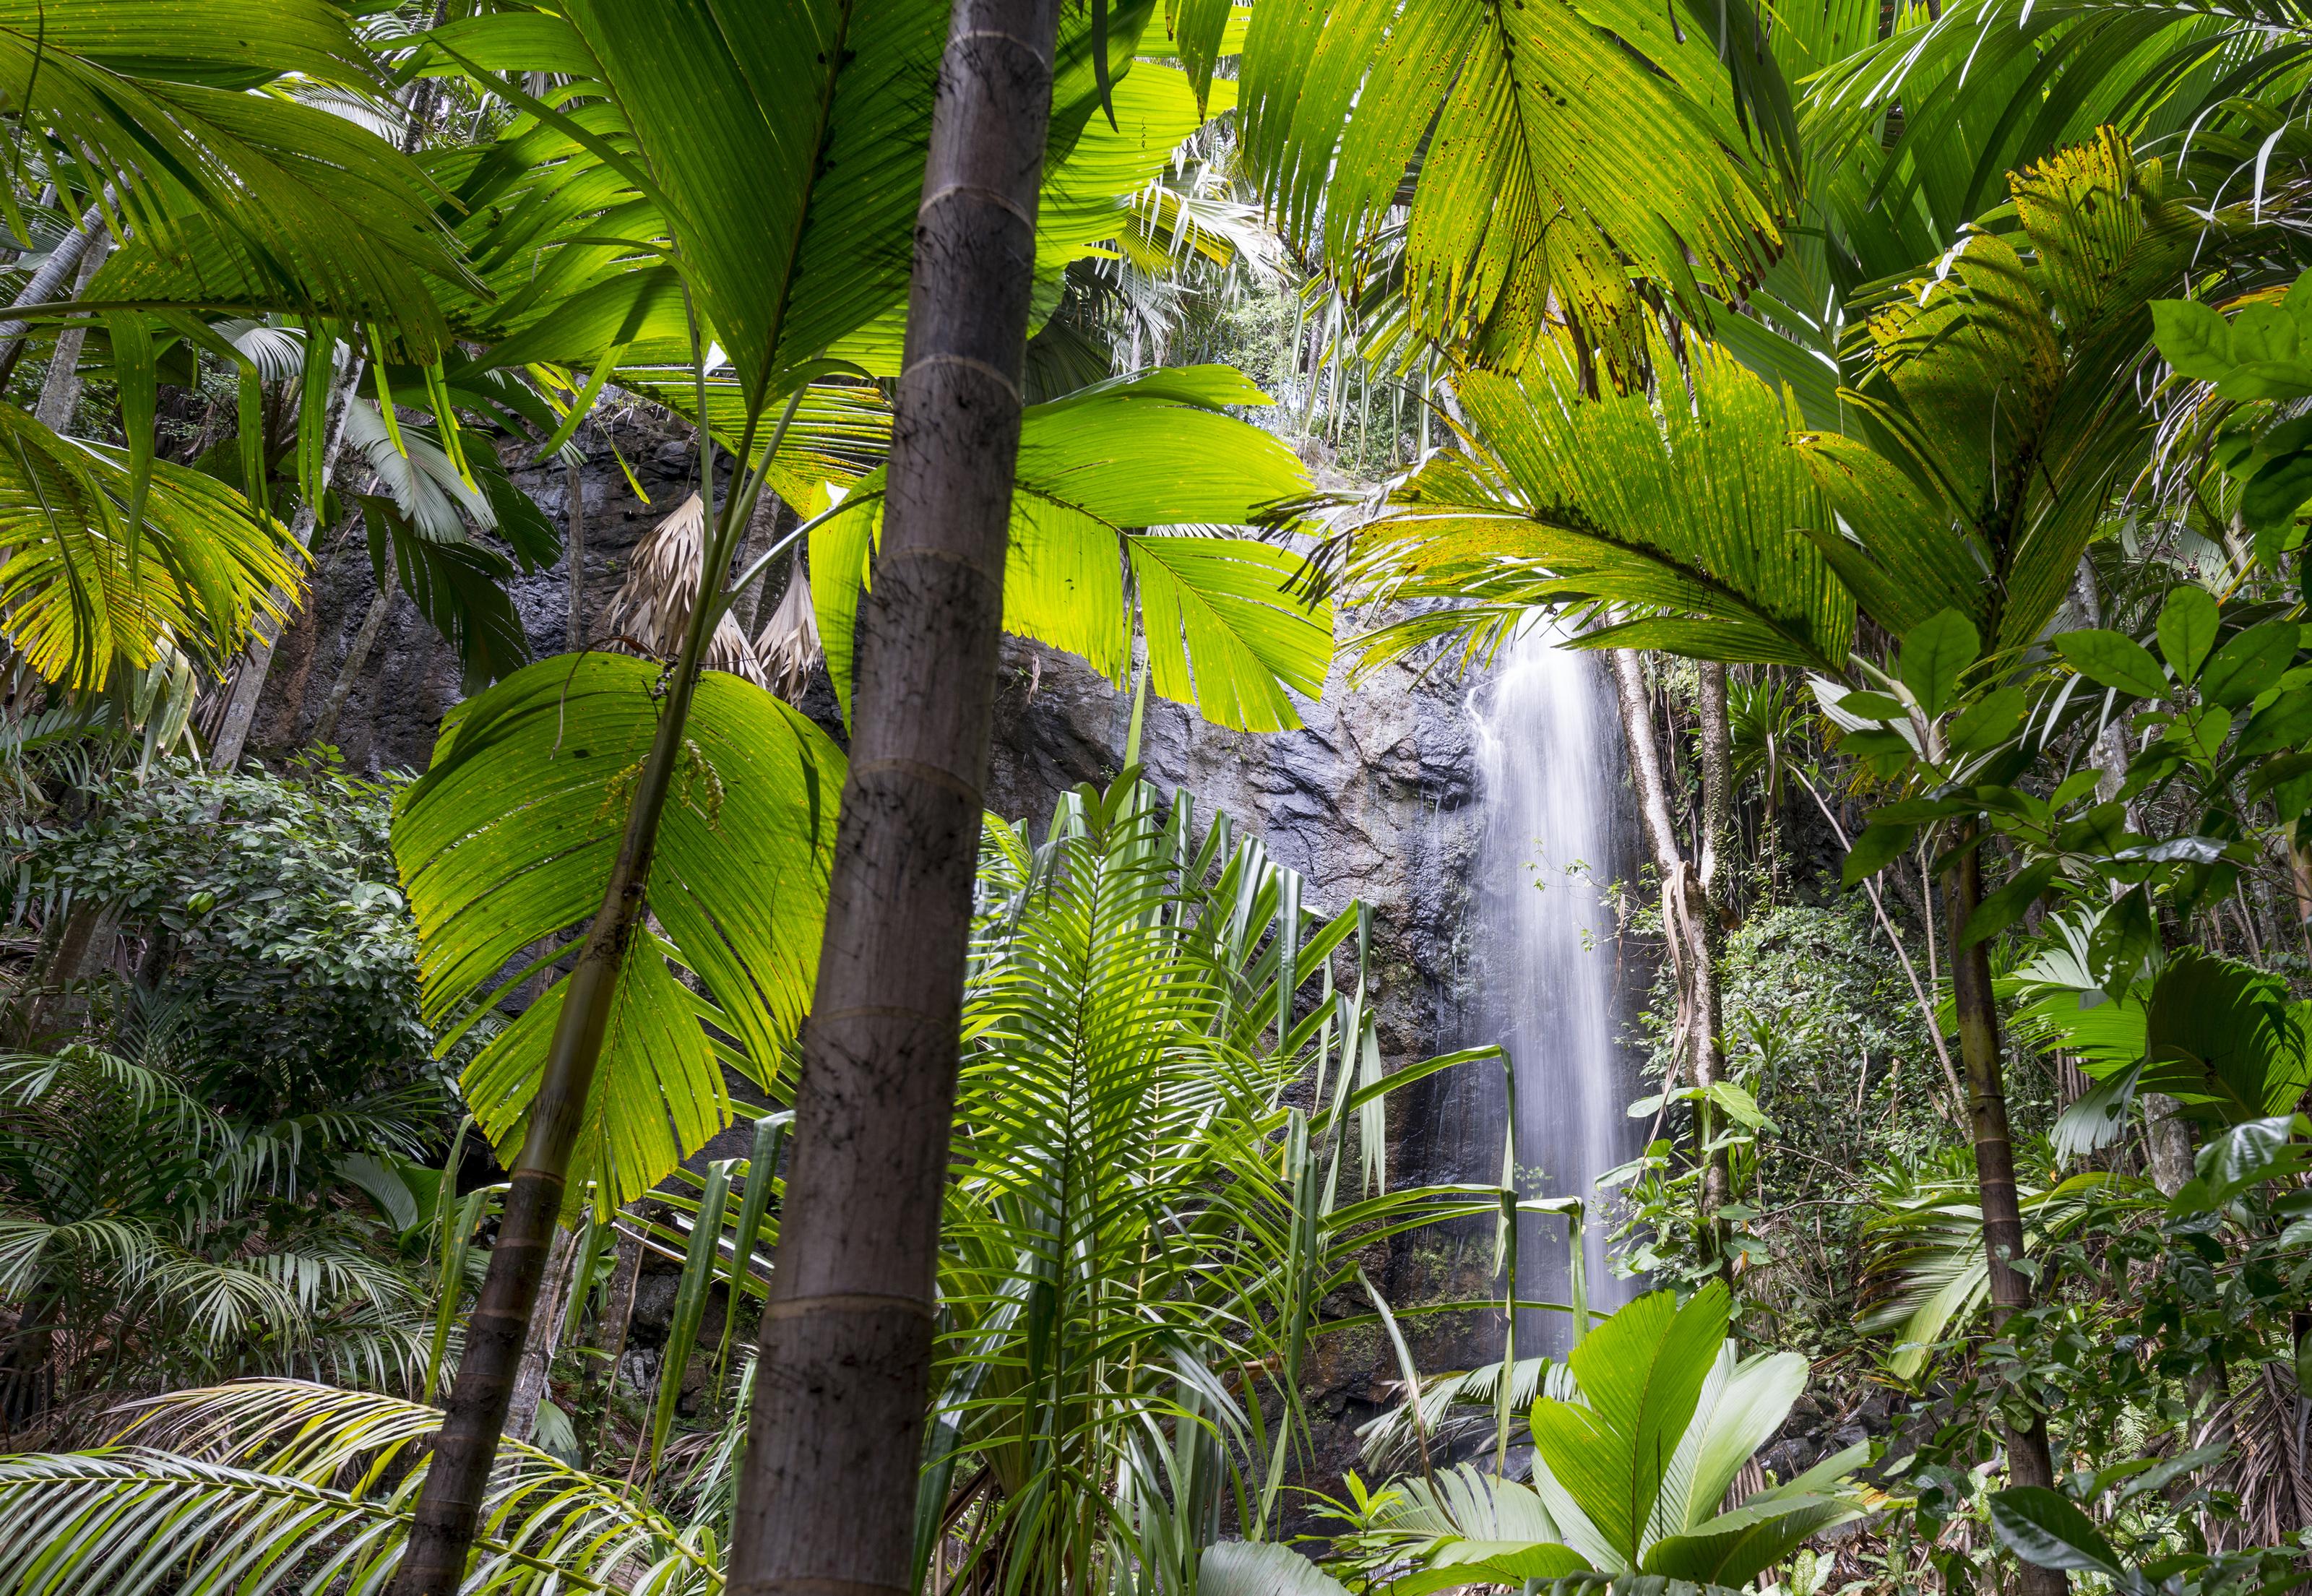 Delat vattenfall ger manga vinnare